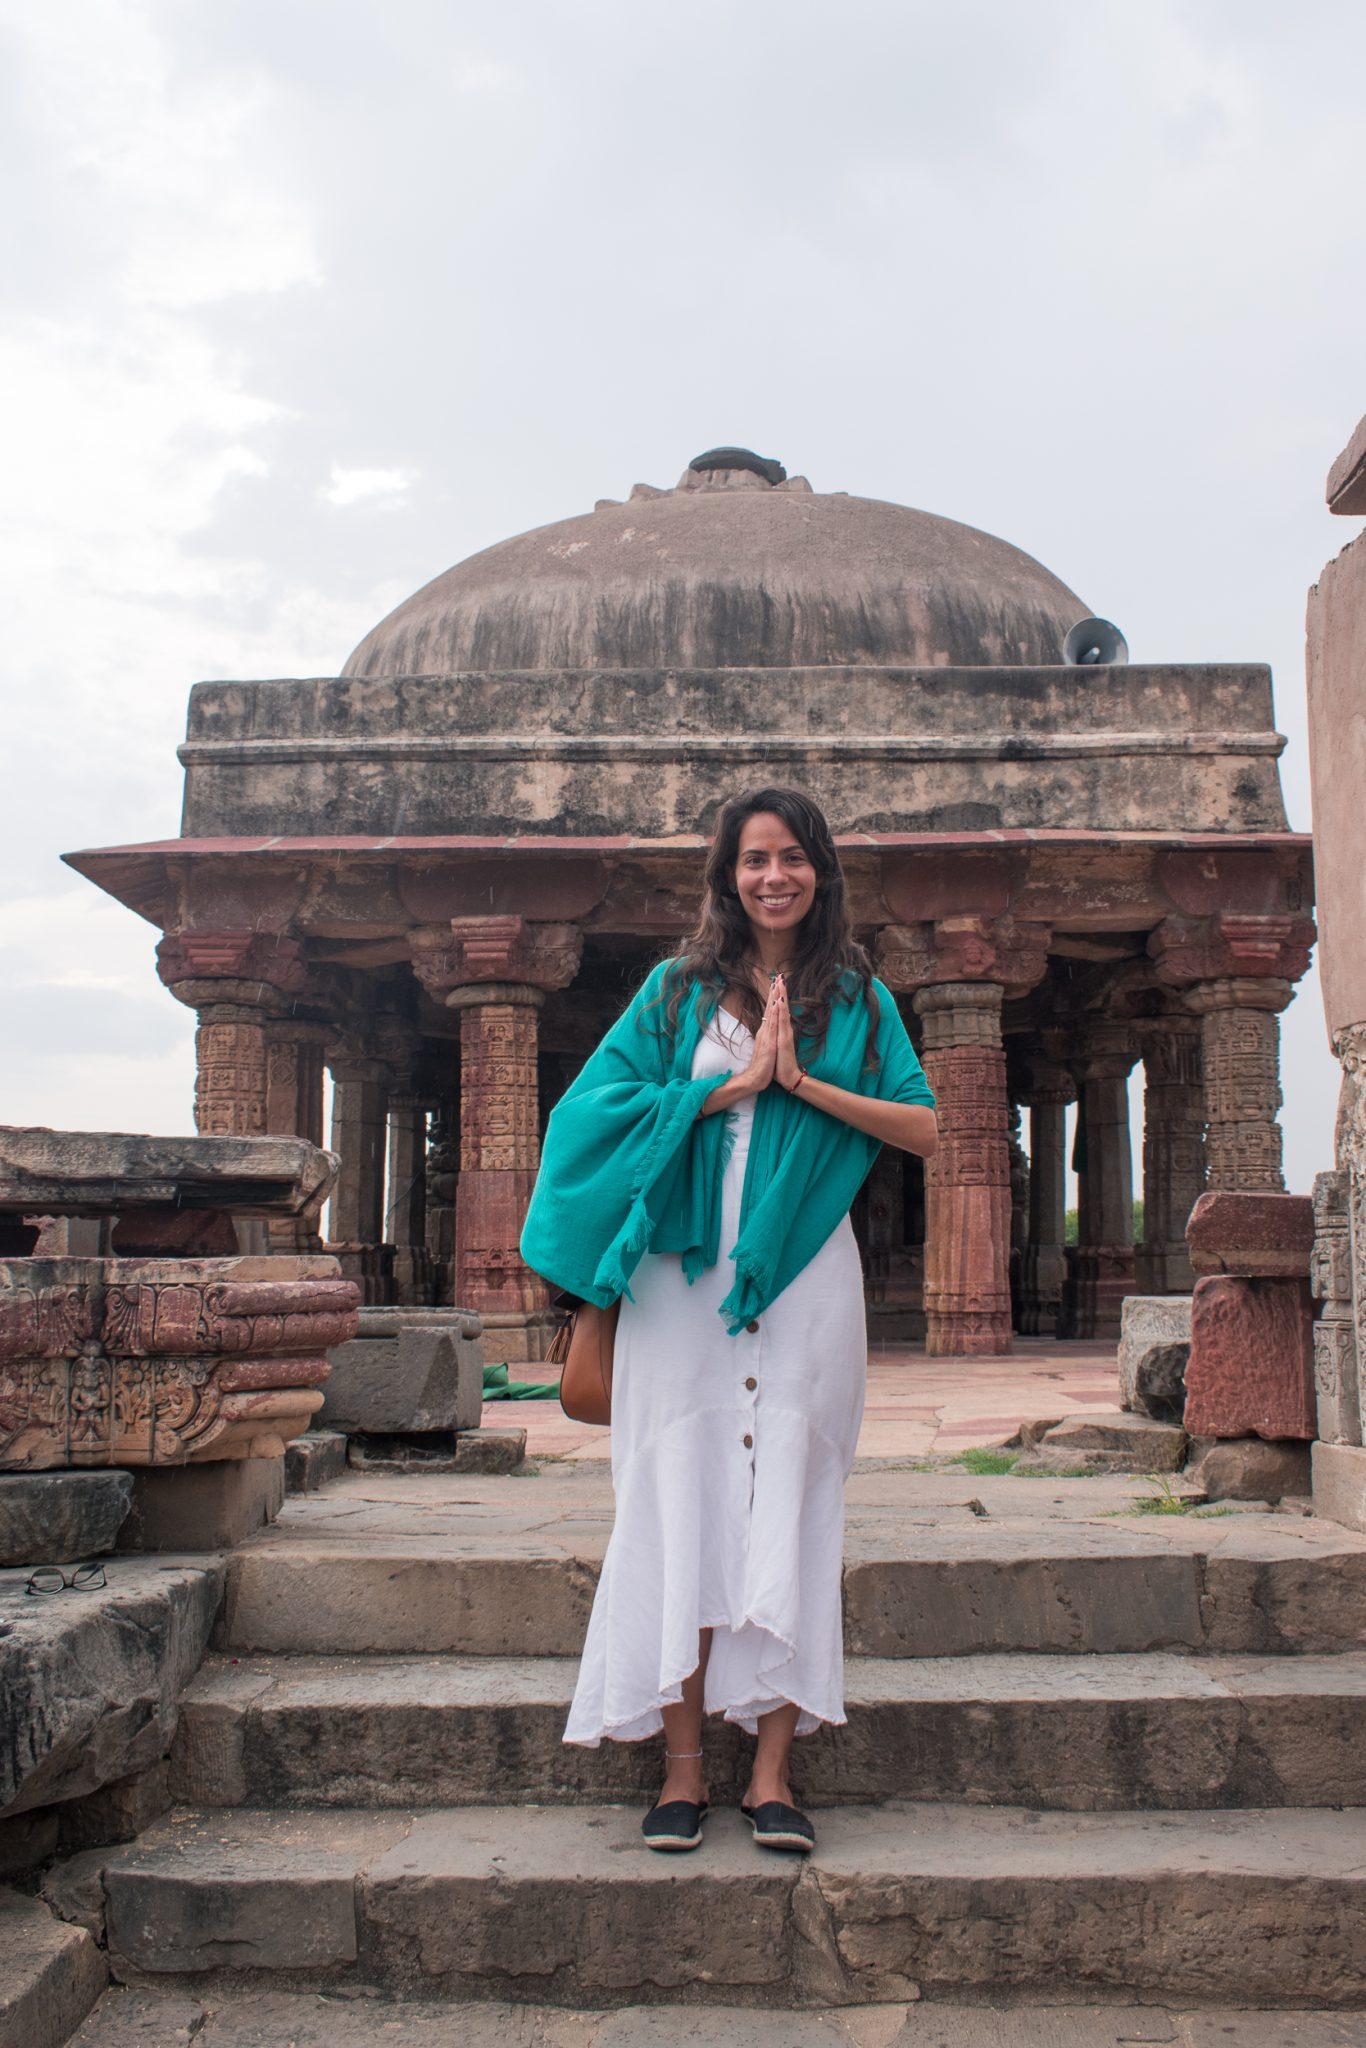 Dicas de como se vestir na Índia para mulheres